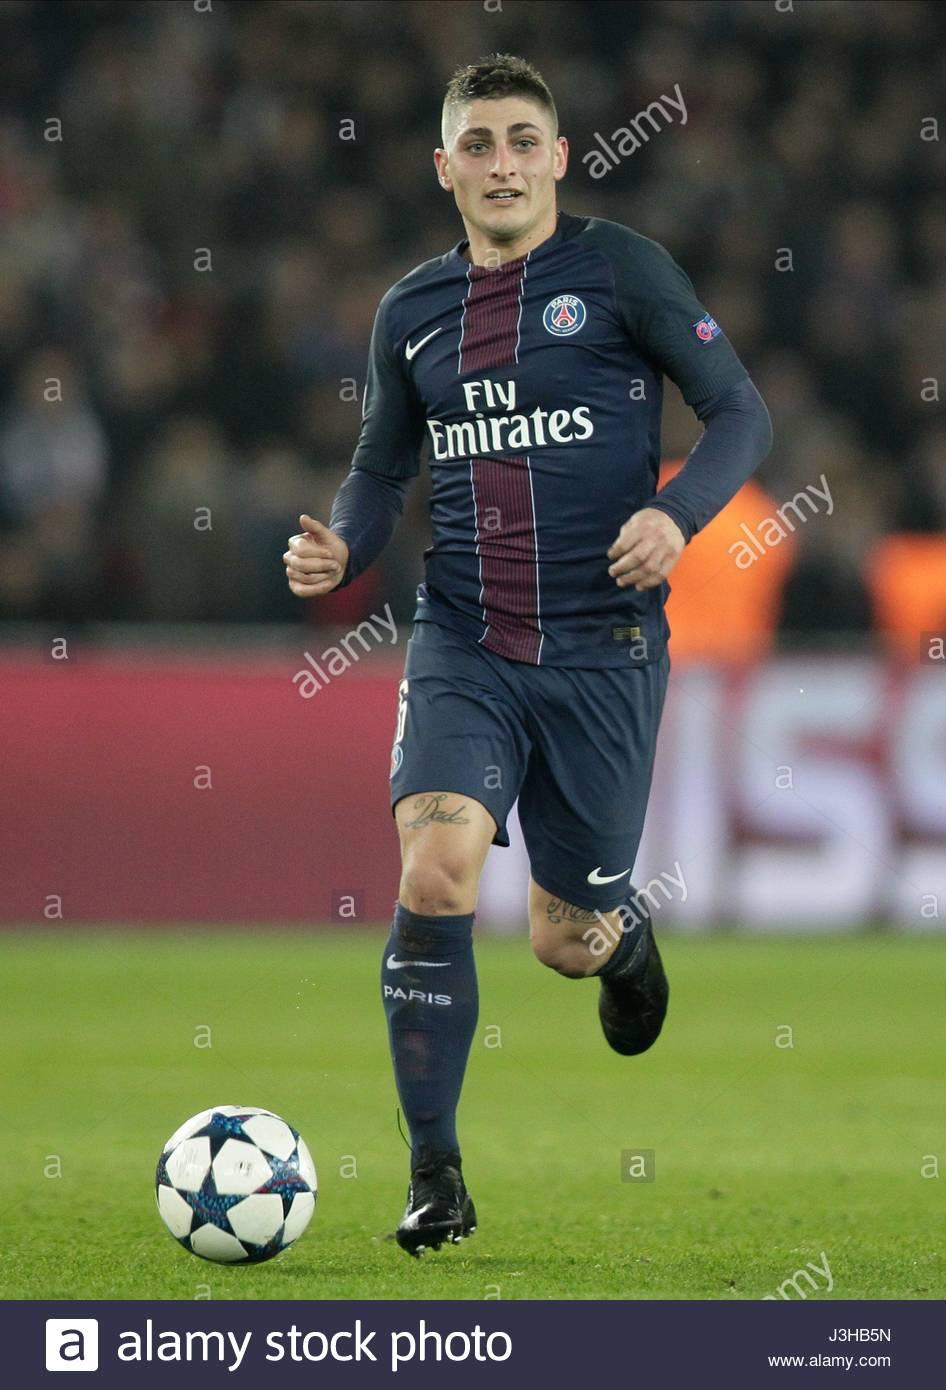 France Football.:ვერატის იტალიაში შესაძლოა დაბრუნდეს!